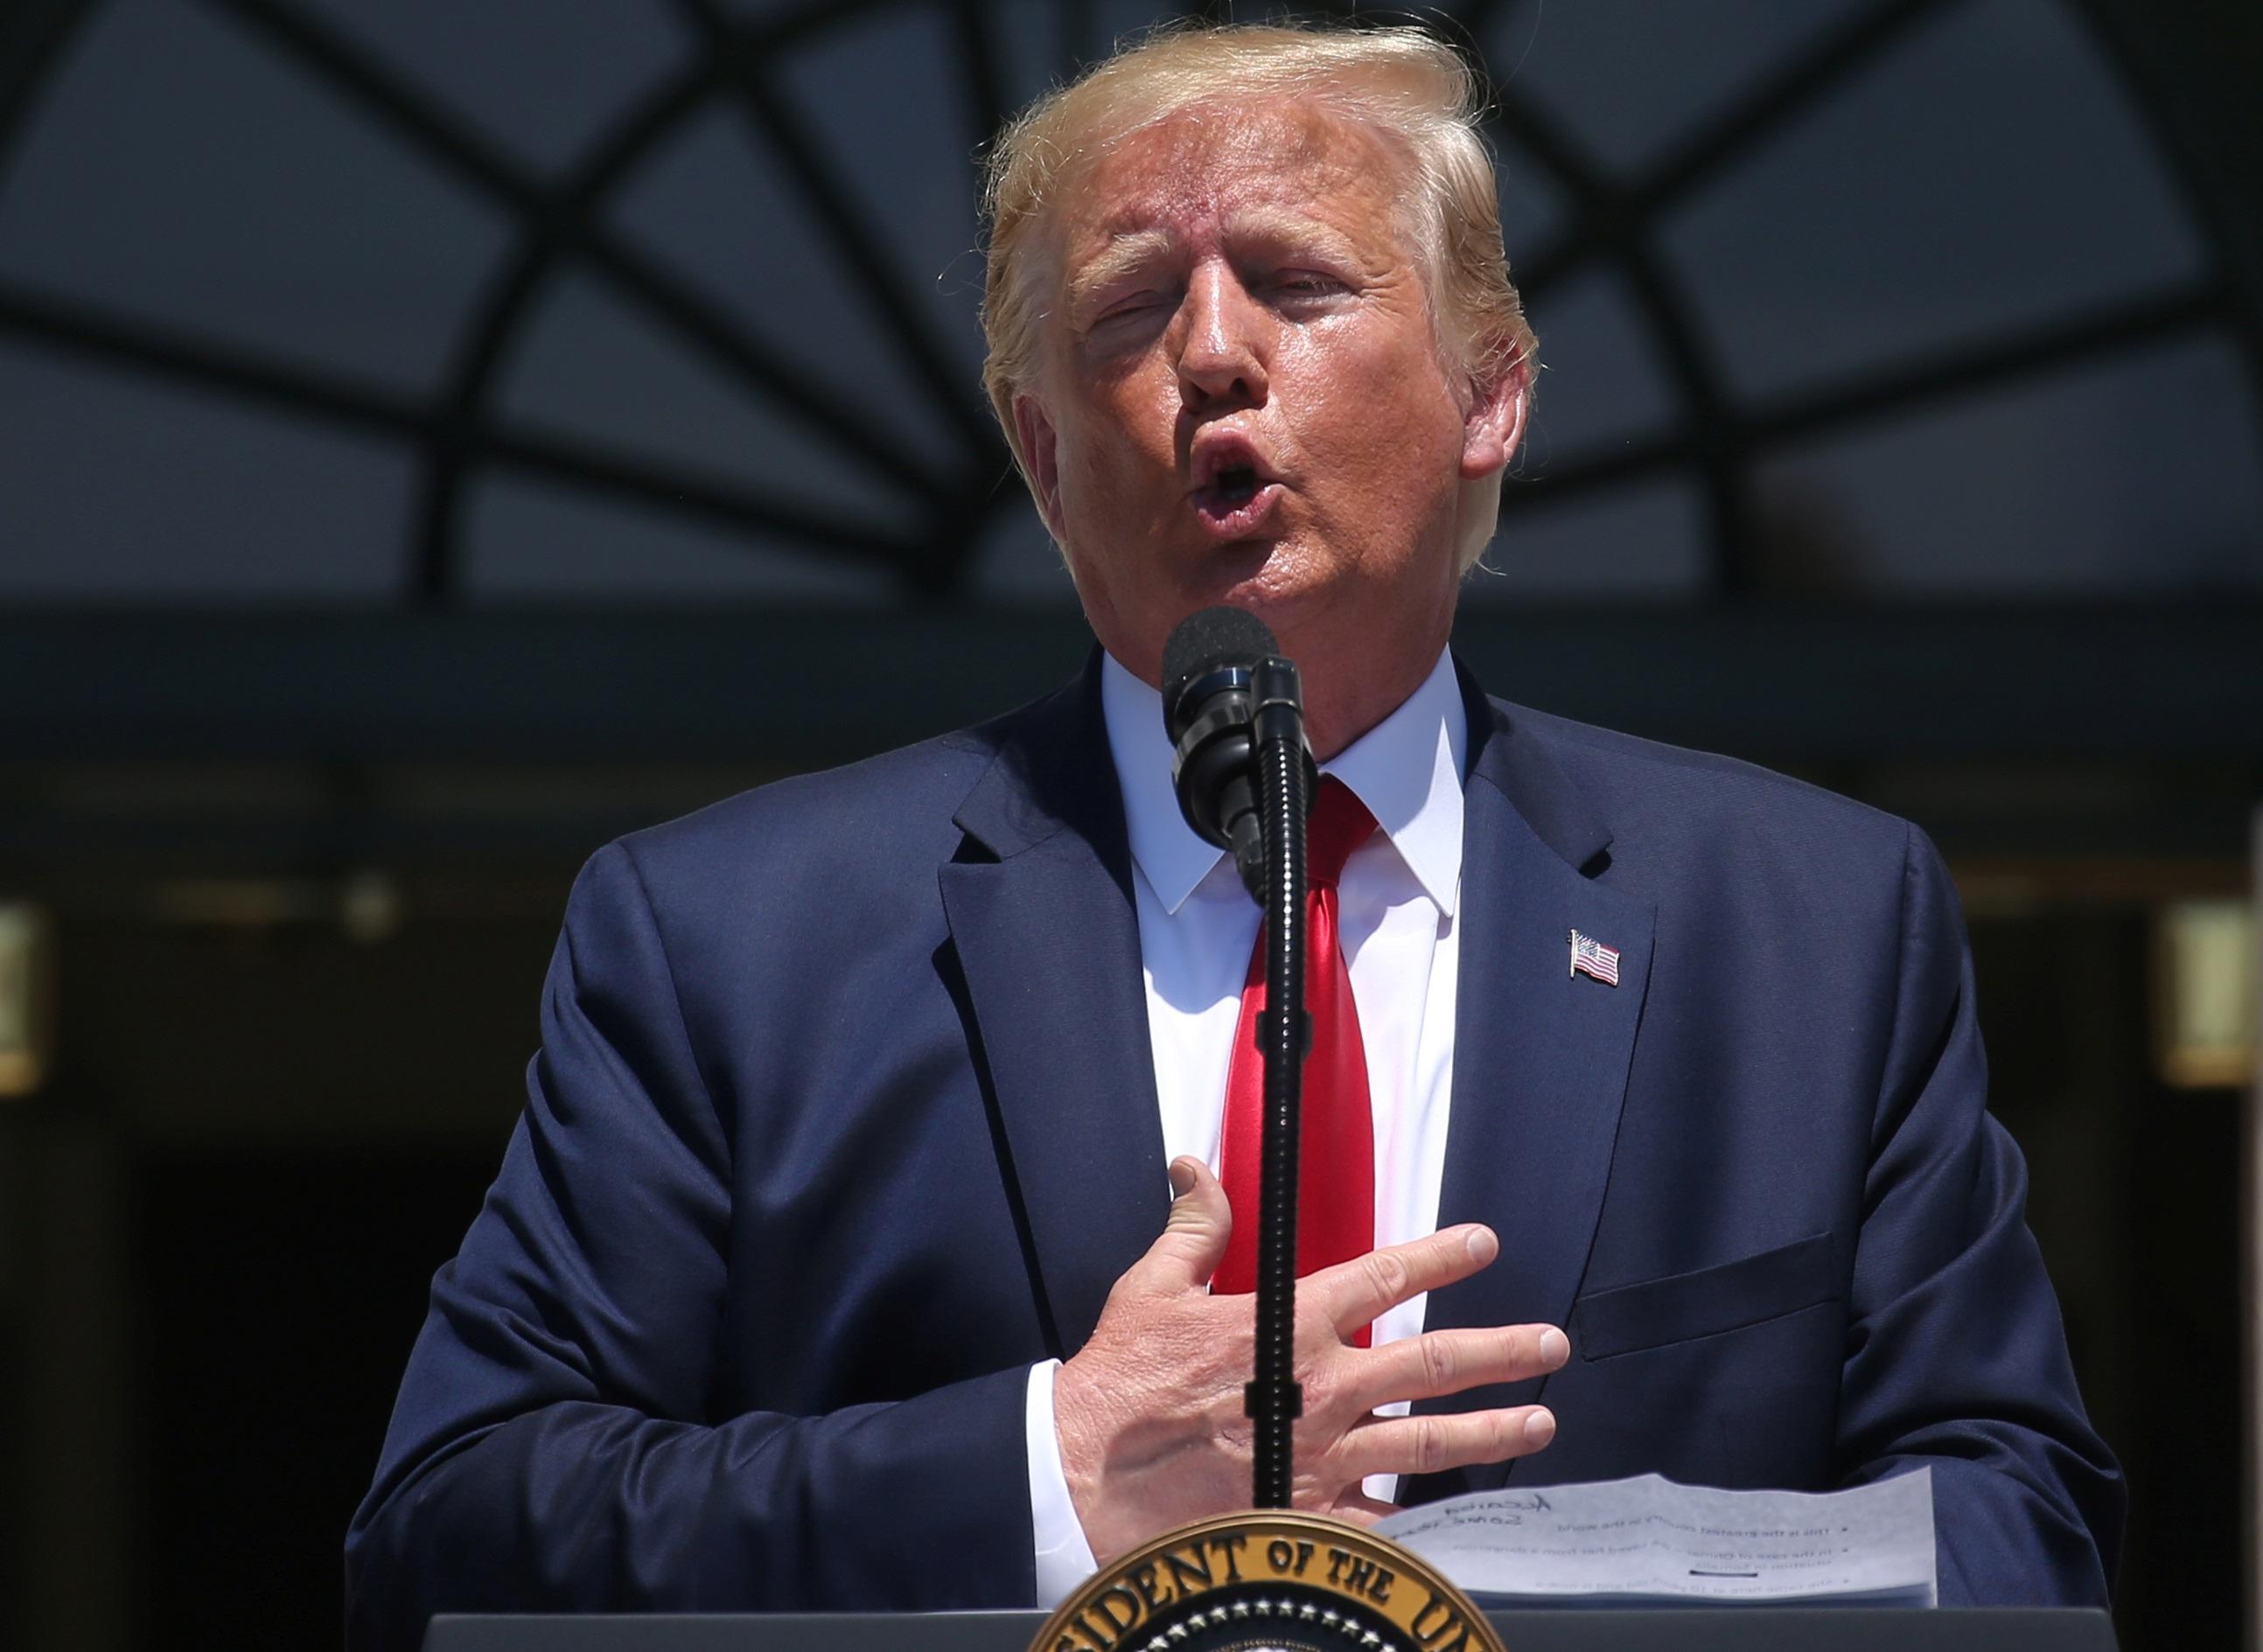 Επικροτούν τις επιθέσεις του Τραμπ σε βουλευτίνες των Δημοκρατικών οι Ρεπουμπλικάνοι